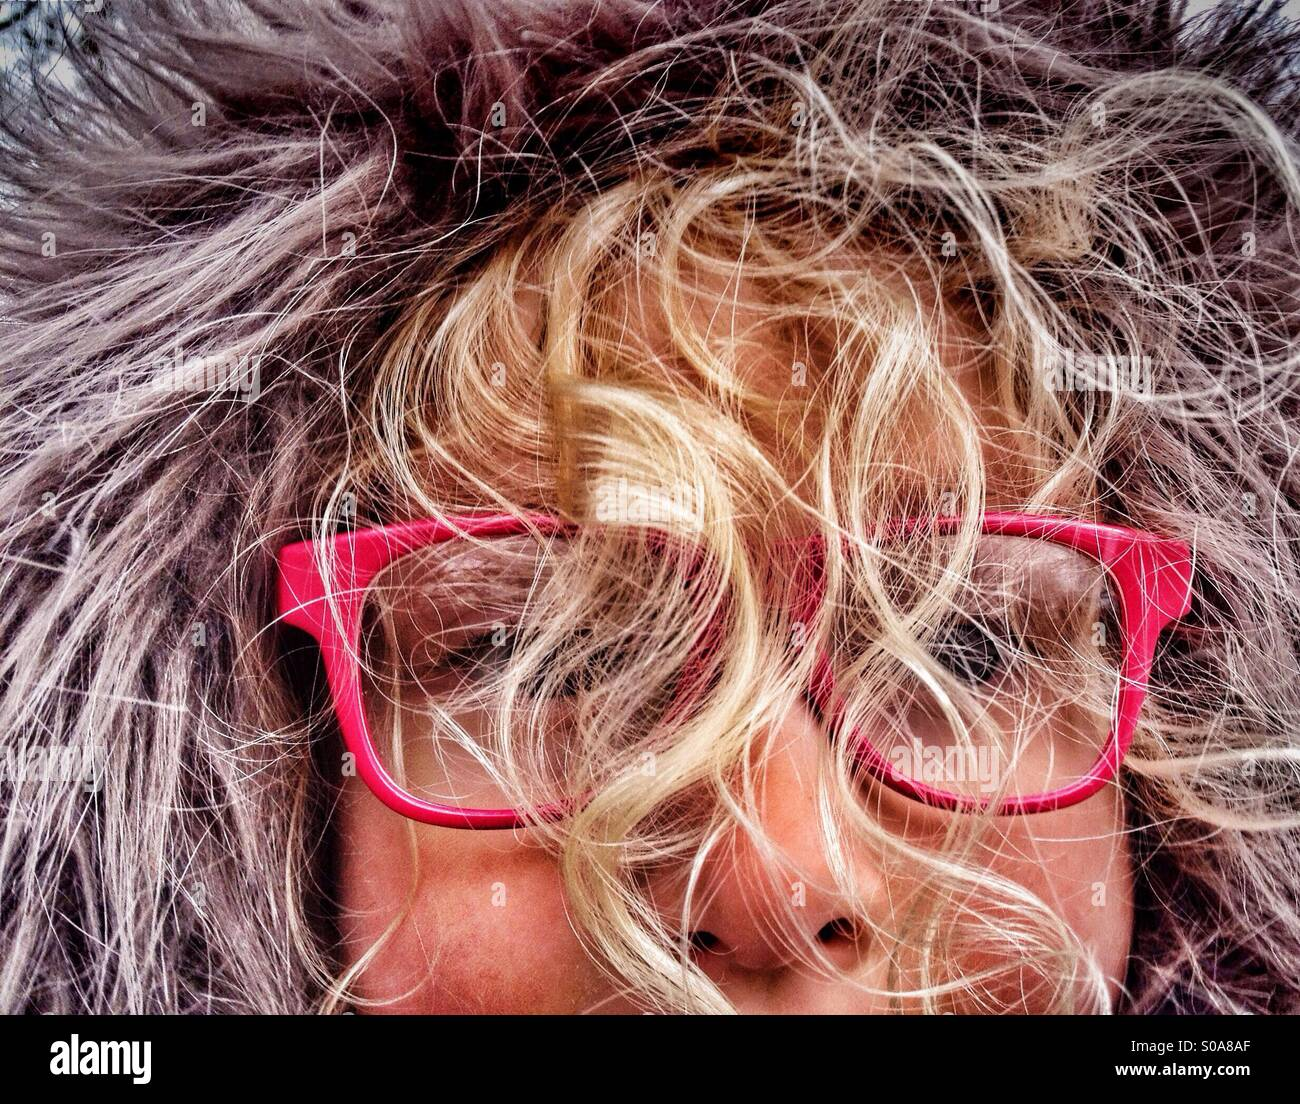 Giovane ragazza che indossa la cappa peloso con la faccia oscurata da ricci capelli cieco Immagini Stock